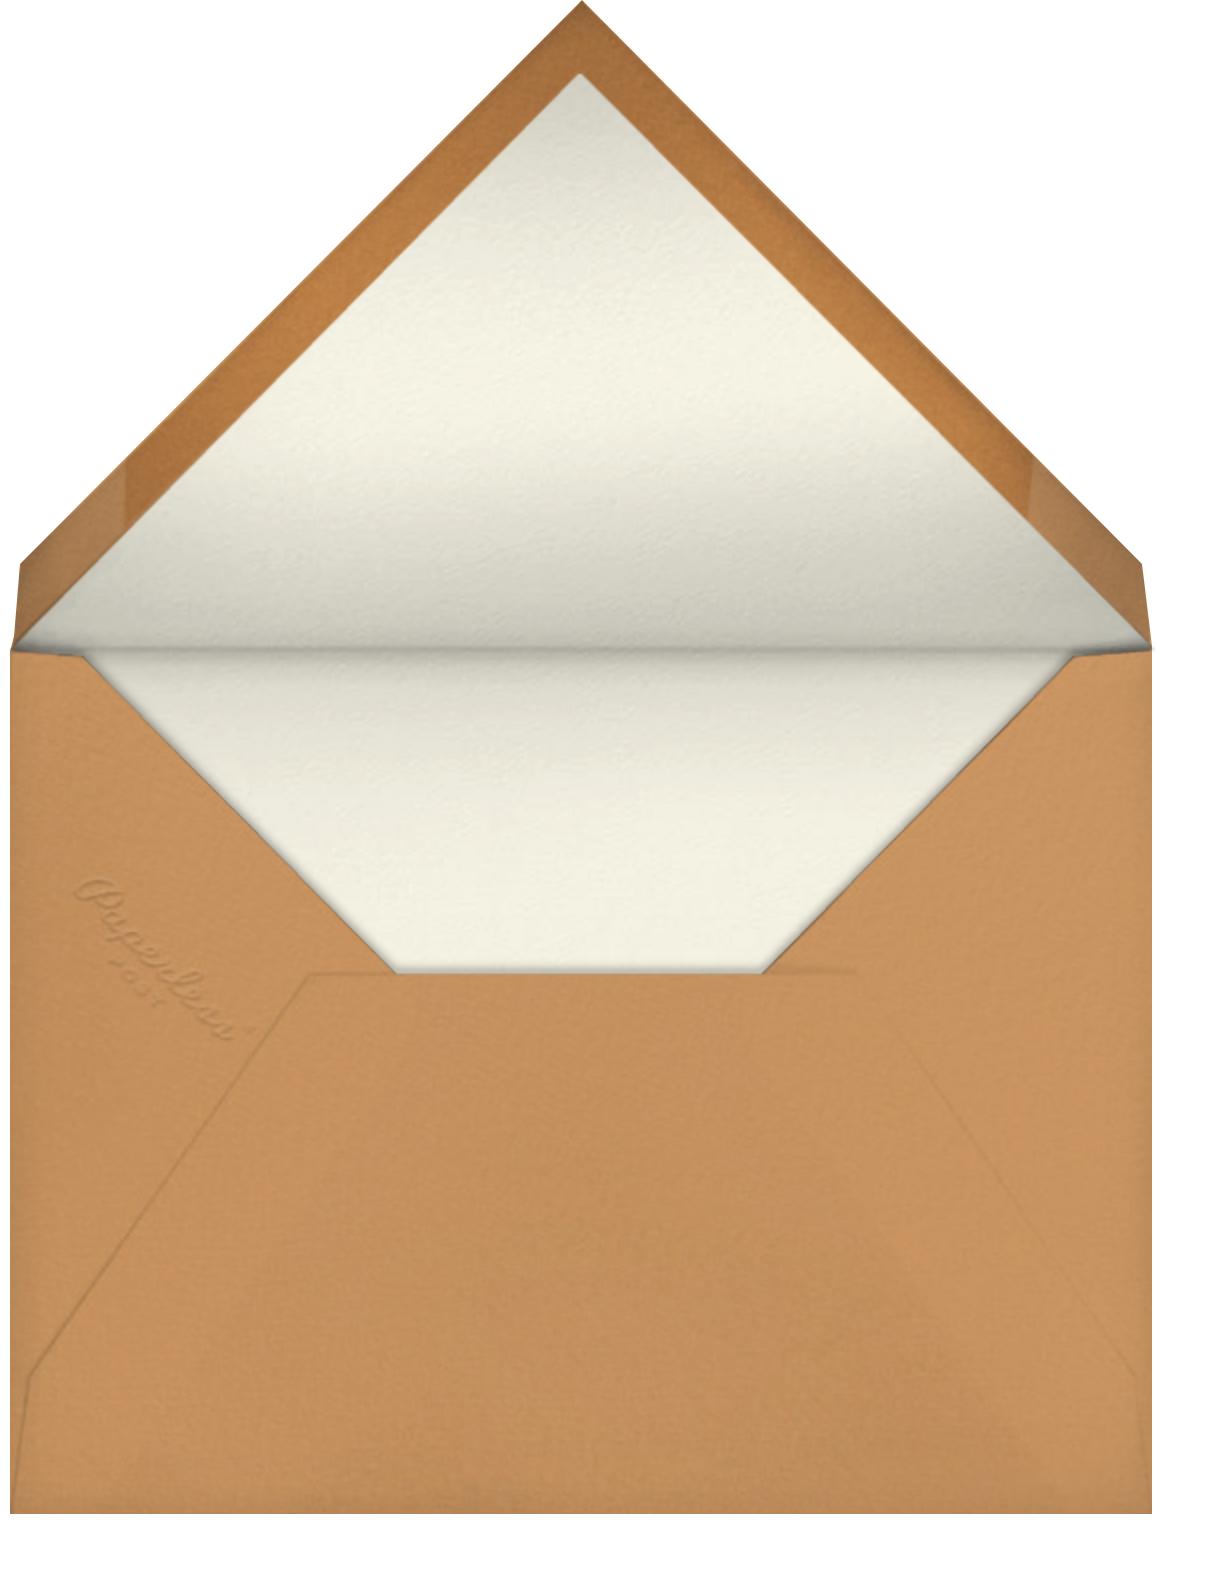 Oratorio (Invitation) - Mauve - Venamour - All - envelope back